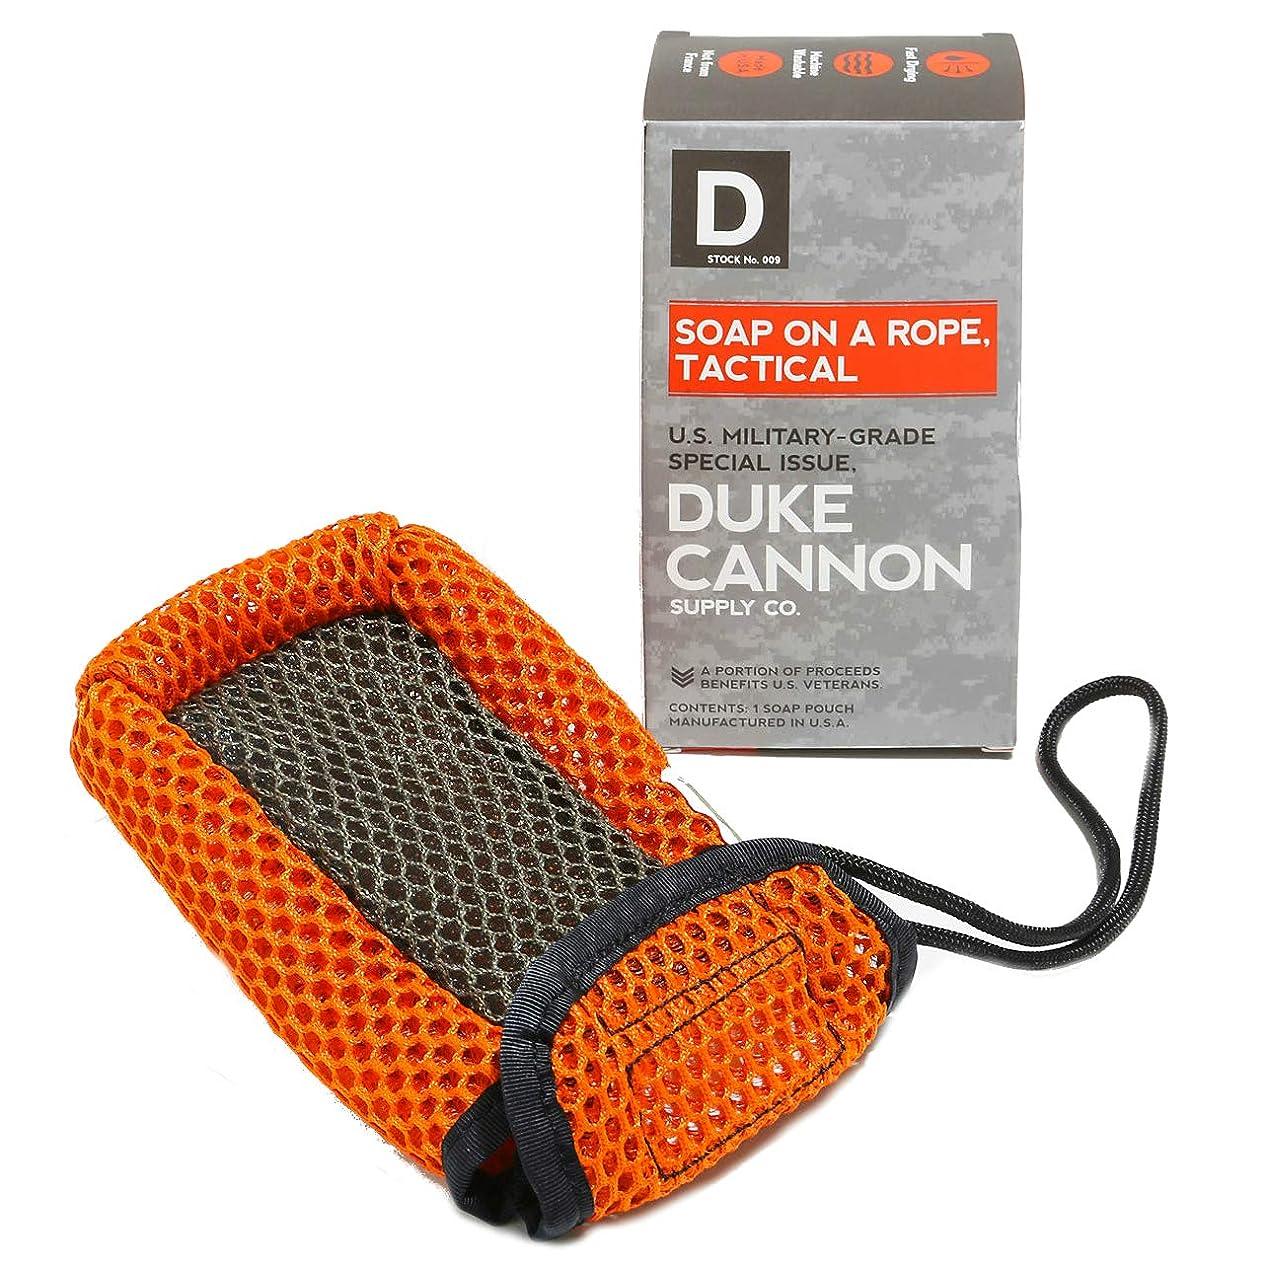 この線メールDuke Cannon ロープのポーチには戦術的なソープ